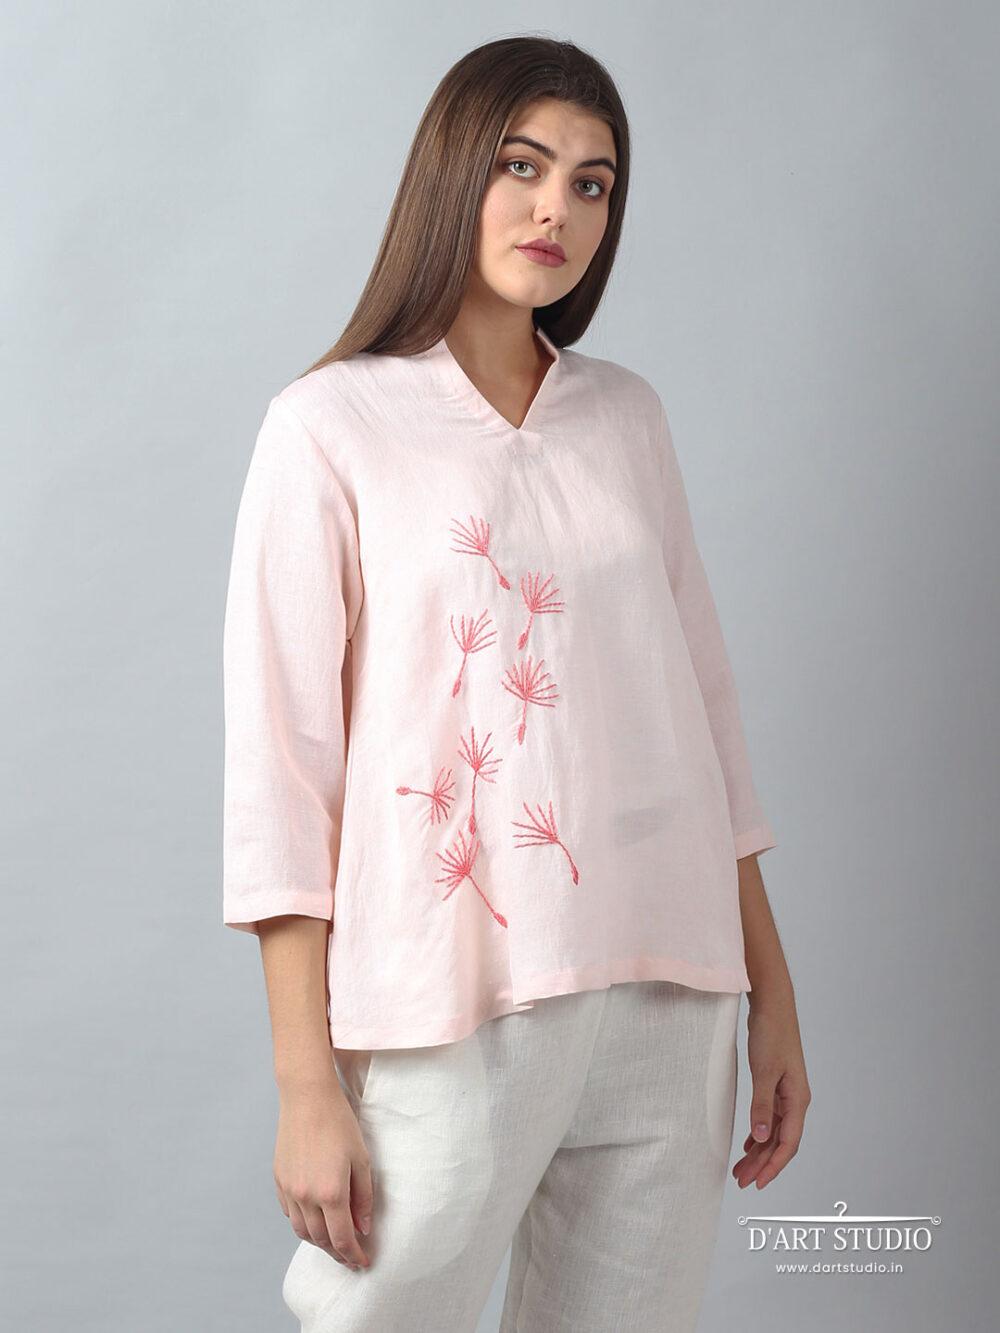 Hand Embroidered Pink Linen Top DARTSTUDIO1131